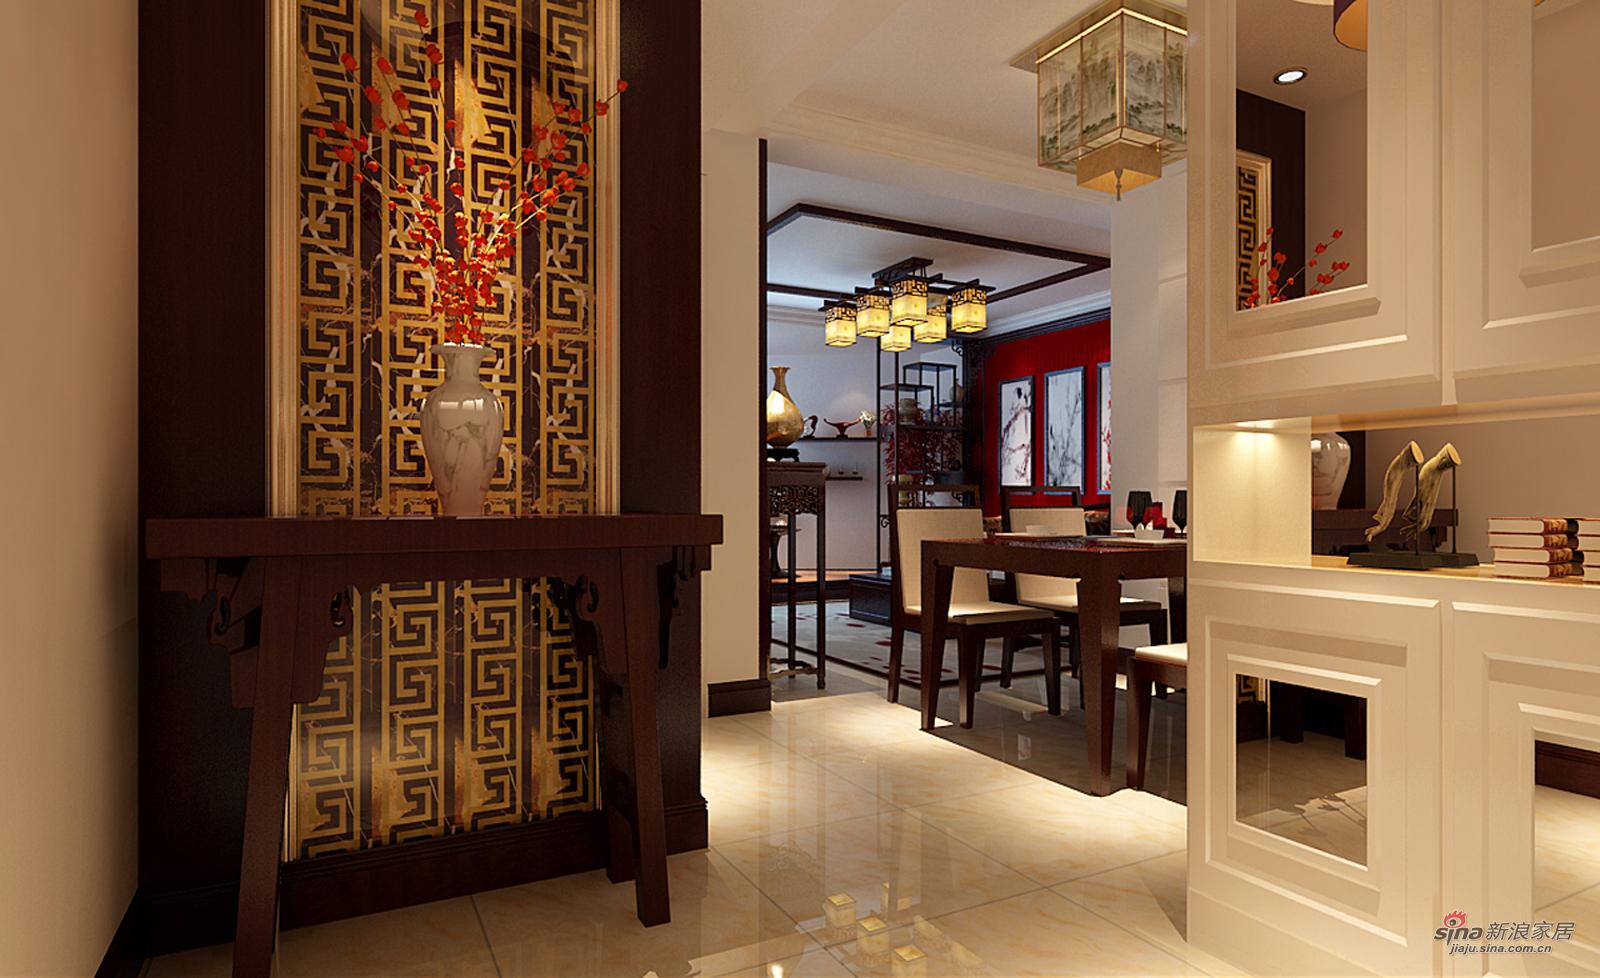 中式 四居 餐厅图片来自用户1907658205在11万打造金盏嘉园150平现代欧式四居室51的分享